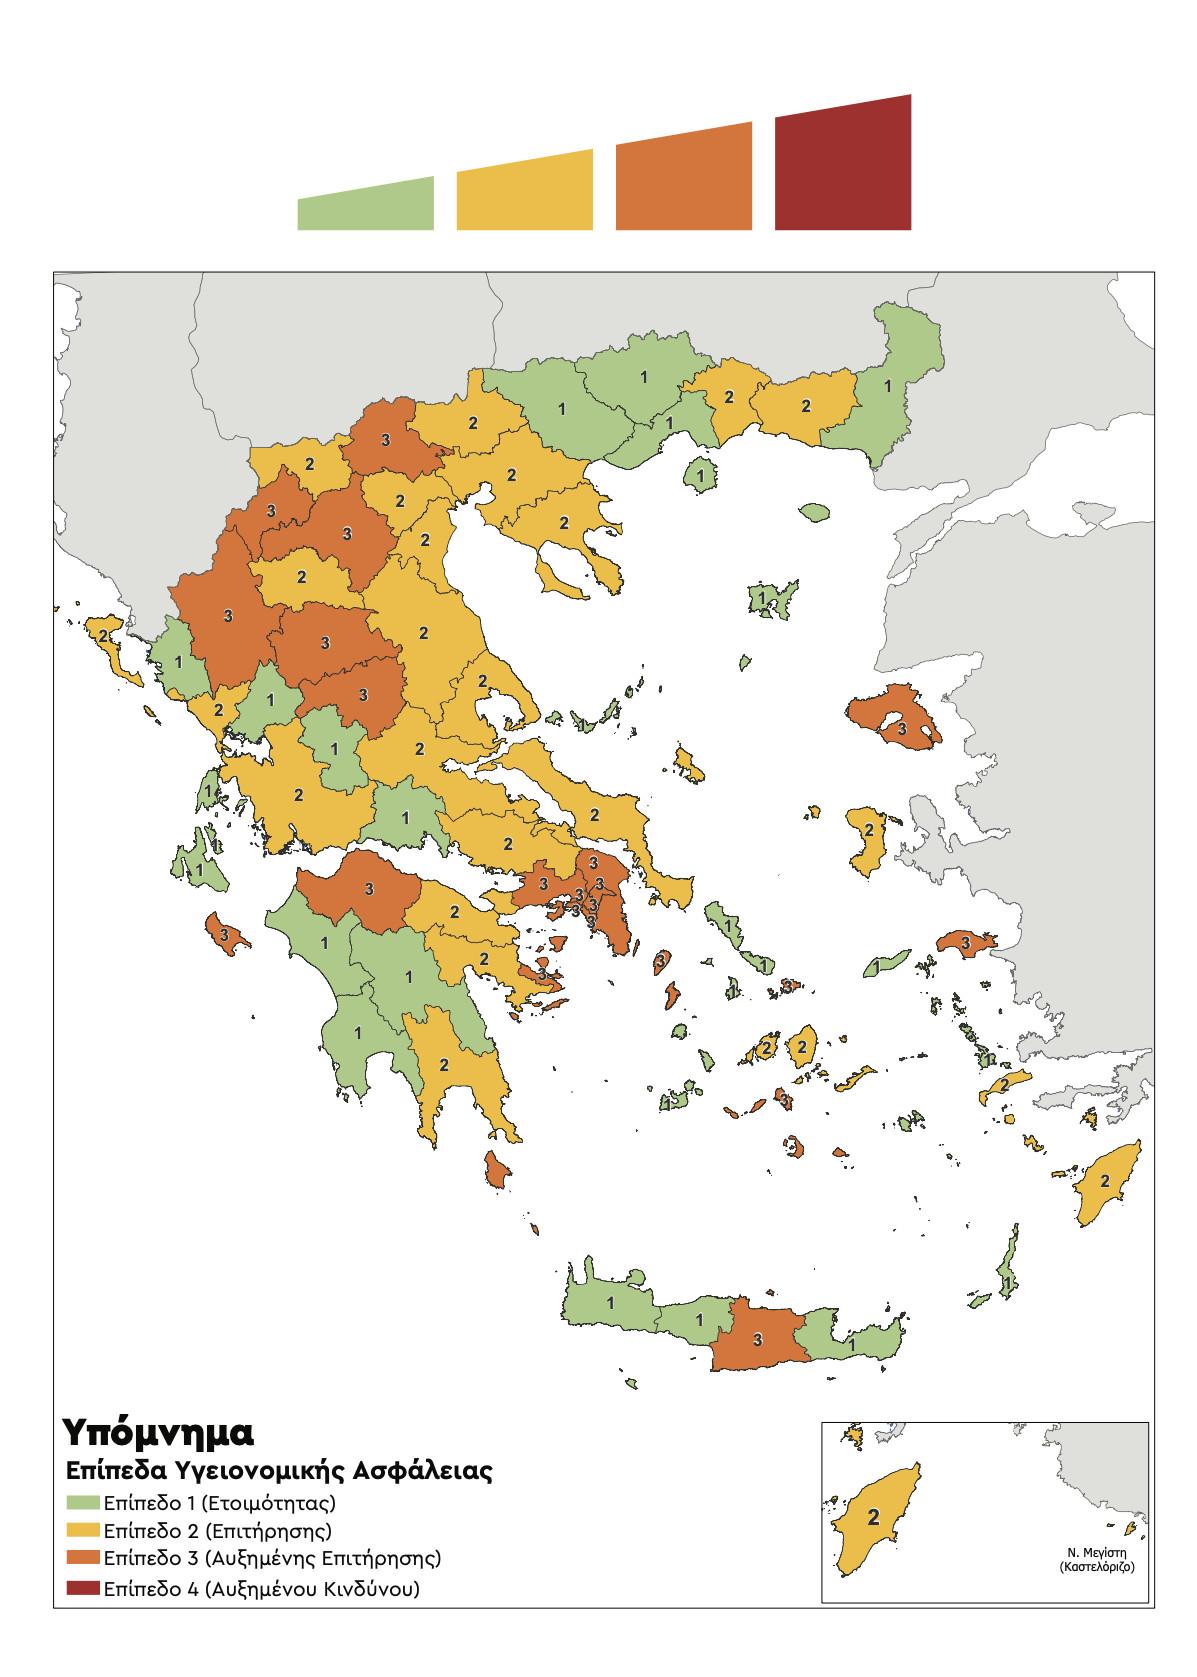 Κορονοϊός: Αυτά είναι τα μέτρα που ισχύουν από σήμερα σε όλη την Ελλάδα – Τι ισχύει για εστιατόρια, μπαρ και ΜΜΜ